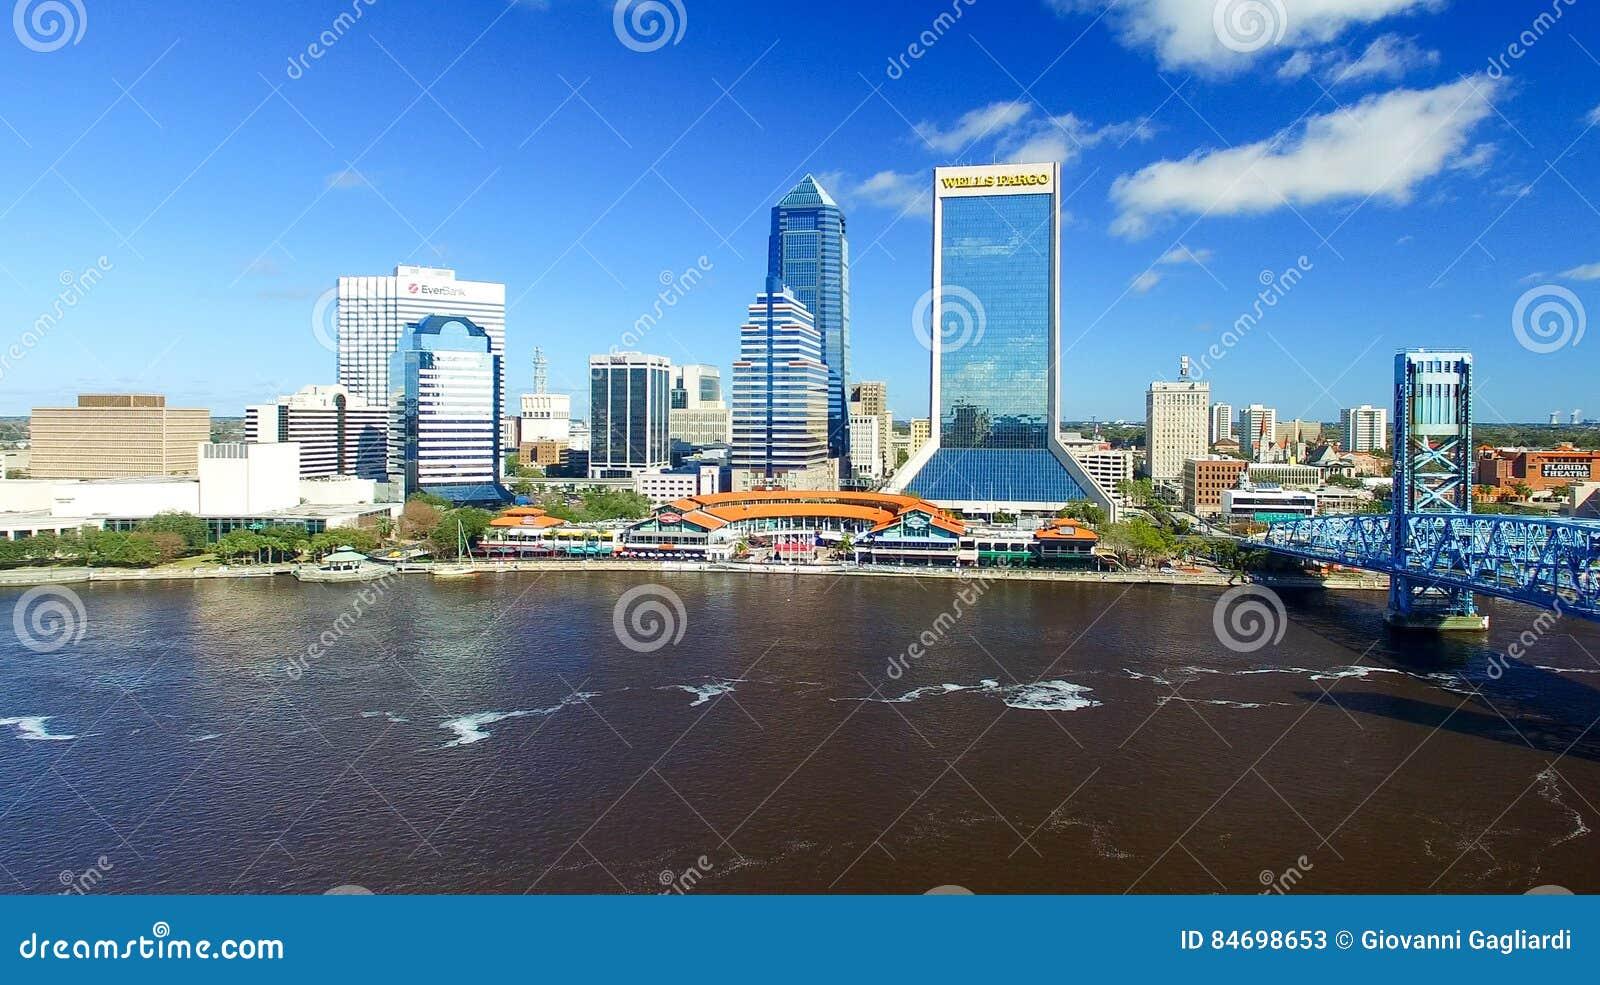 JACKSONVILLE, FL - FEBRUARY 2016: Aerial city view. Jacksonville